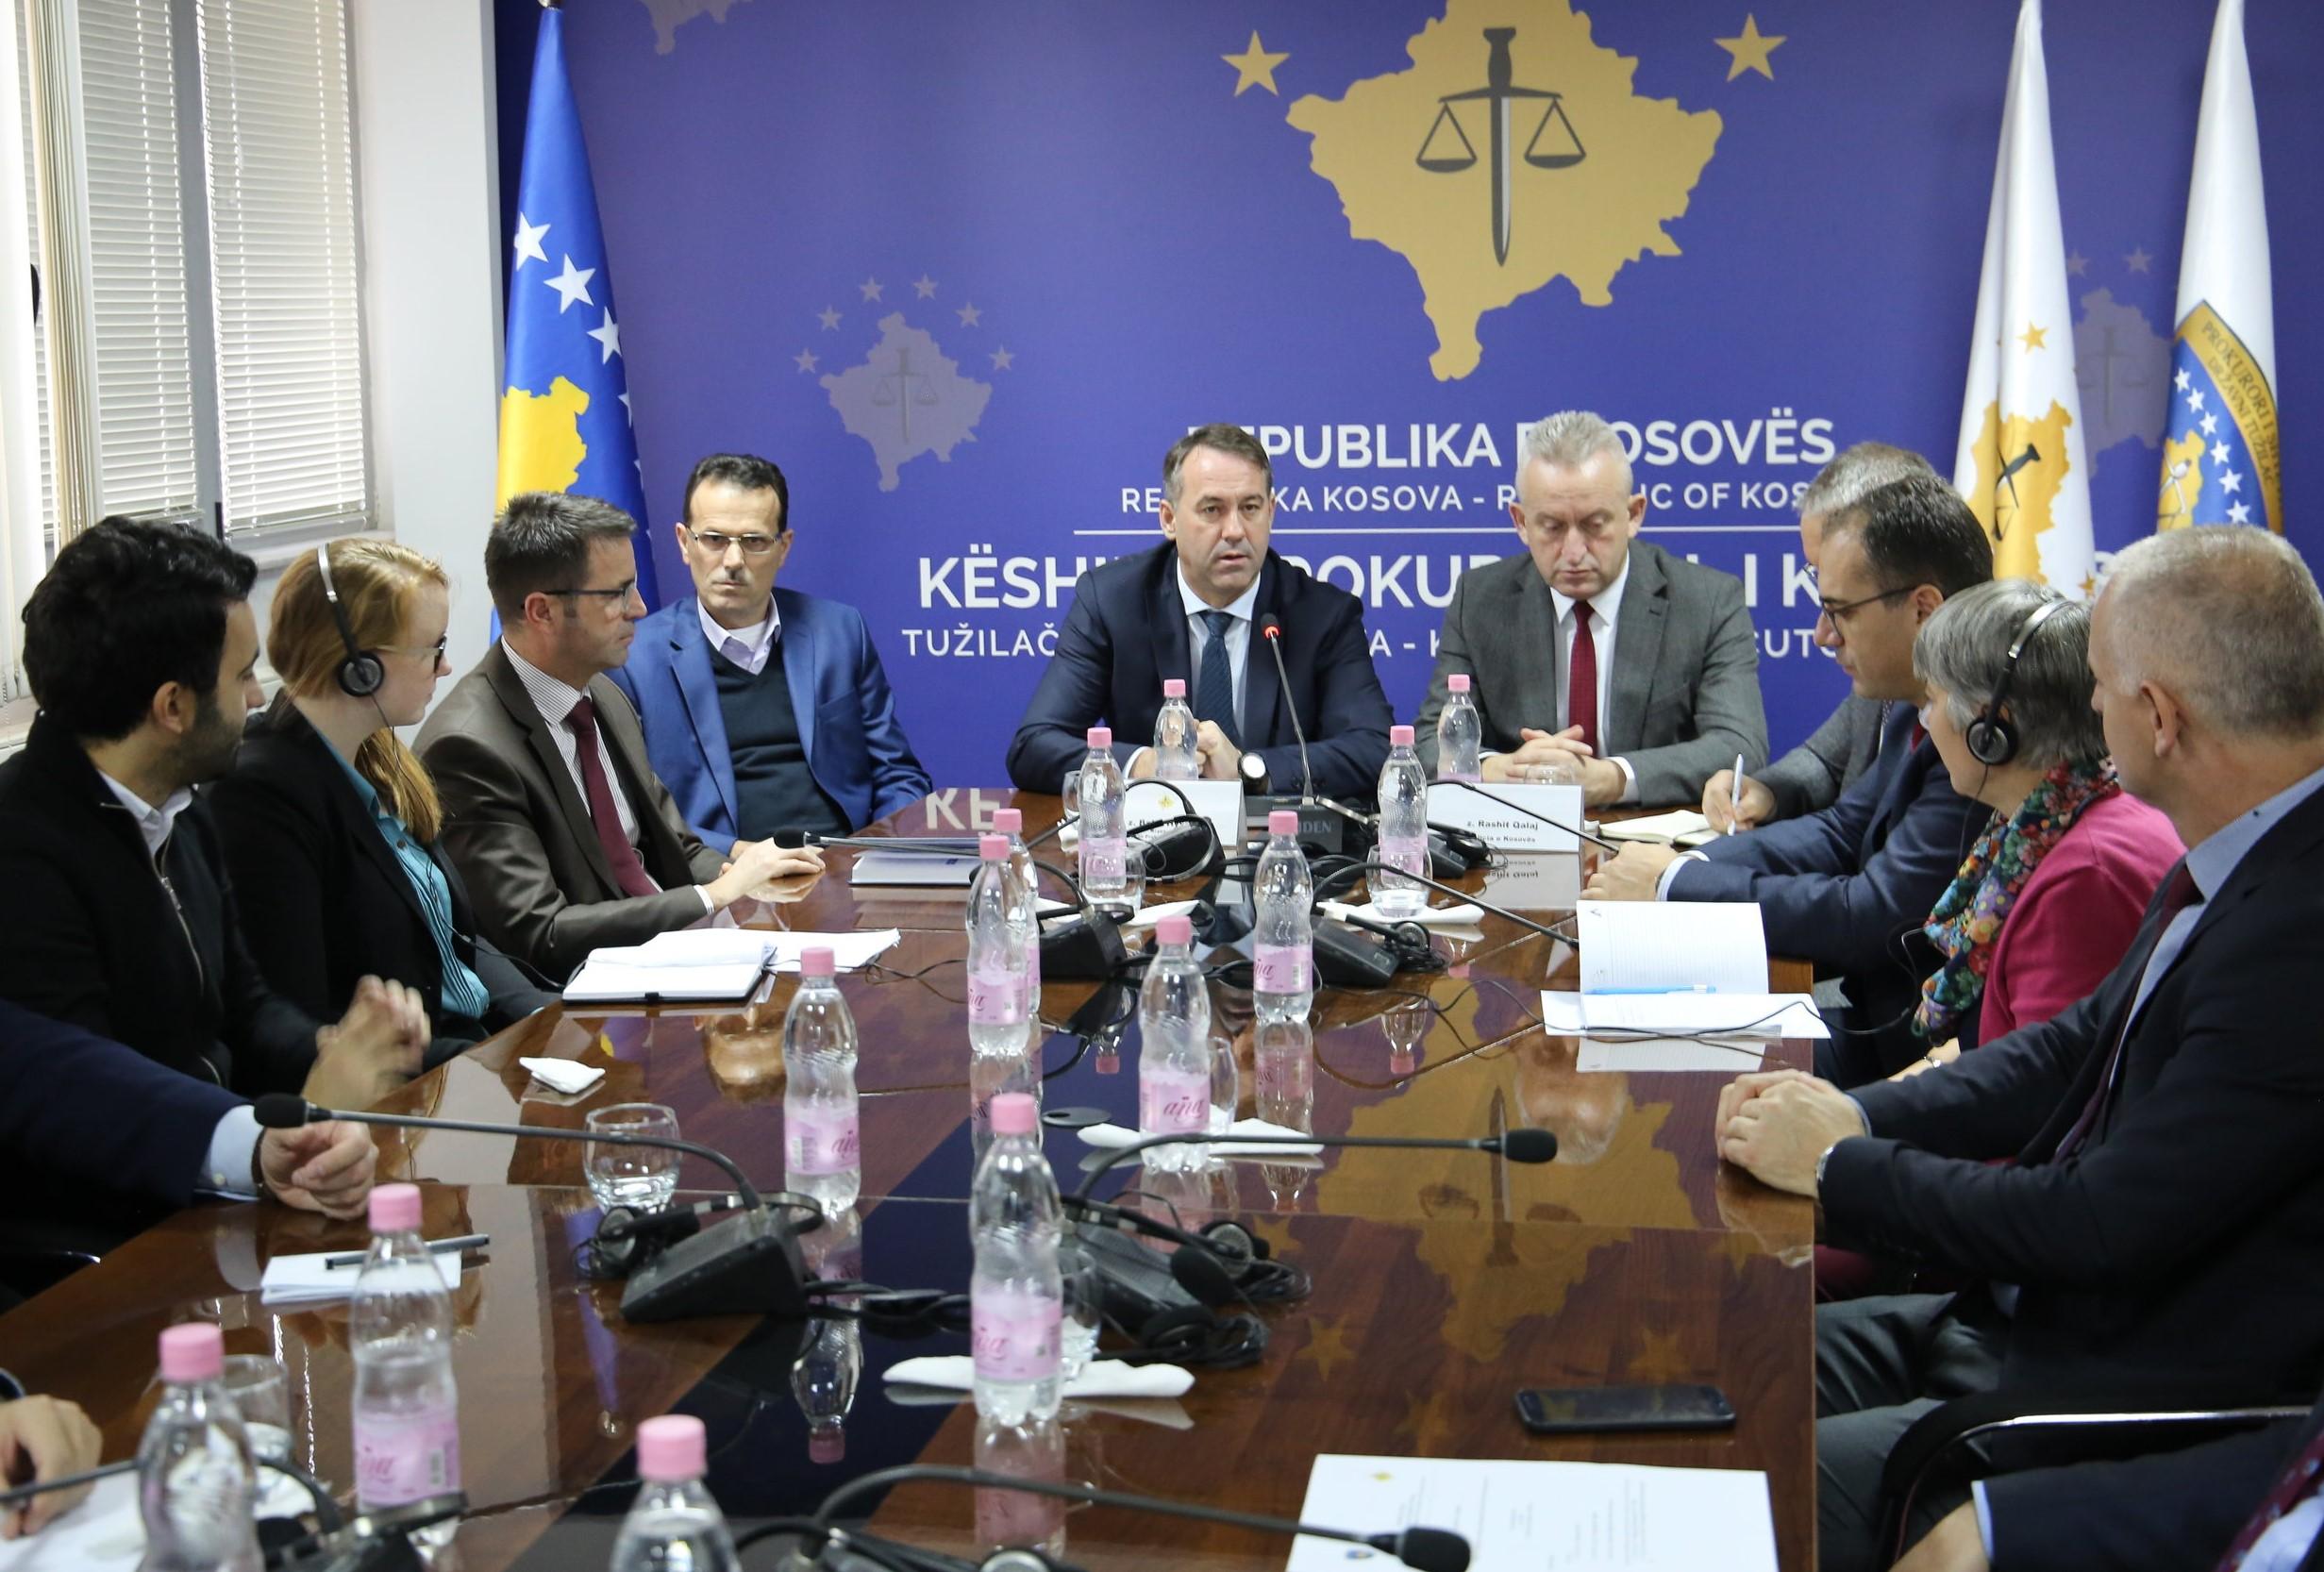 Tužilaštva i policija Kosova međusobno povezuju elektronske sisteme za razmenu podataka